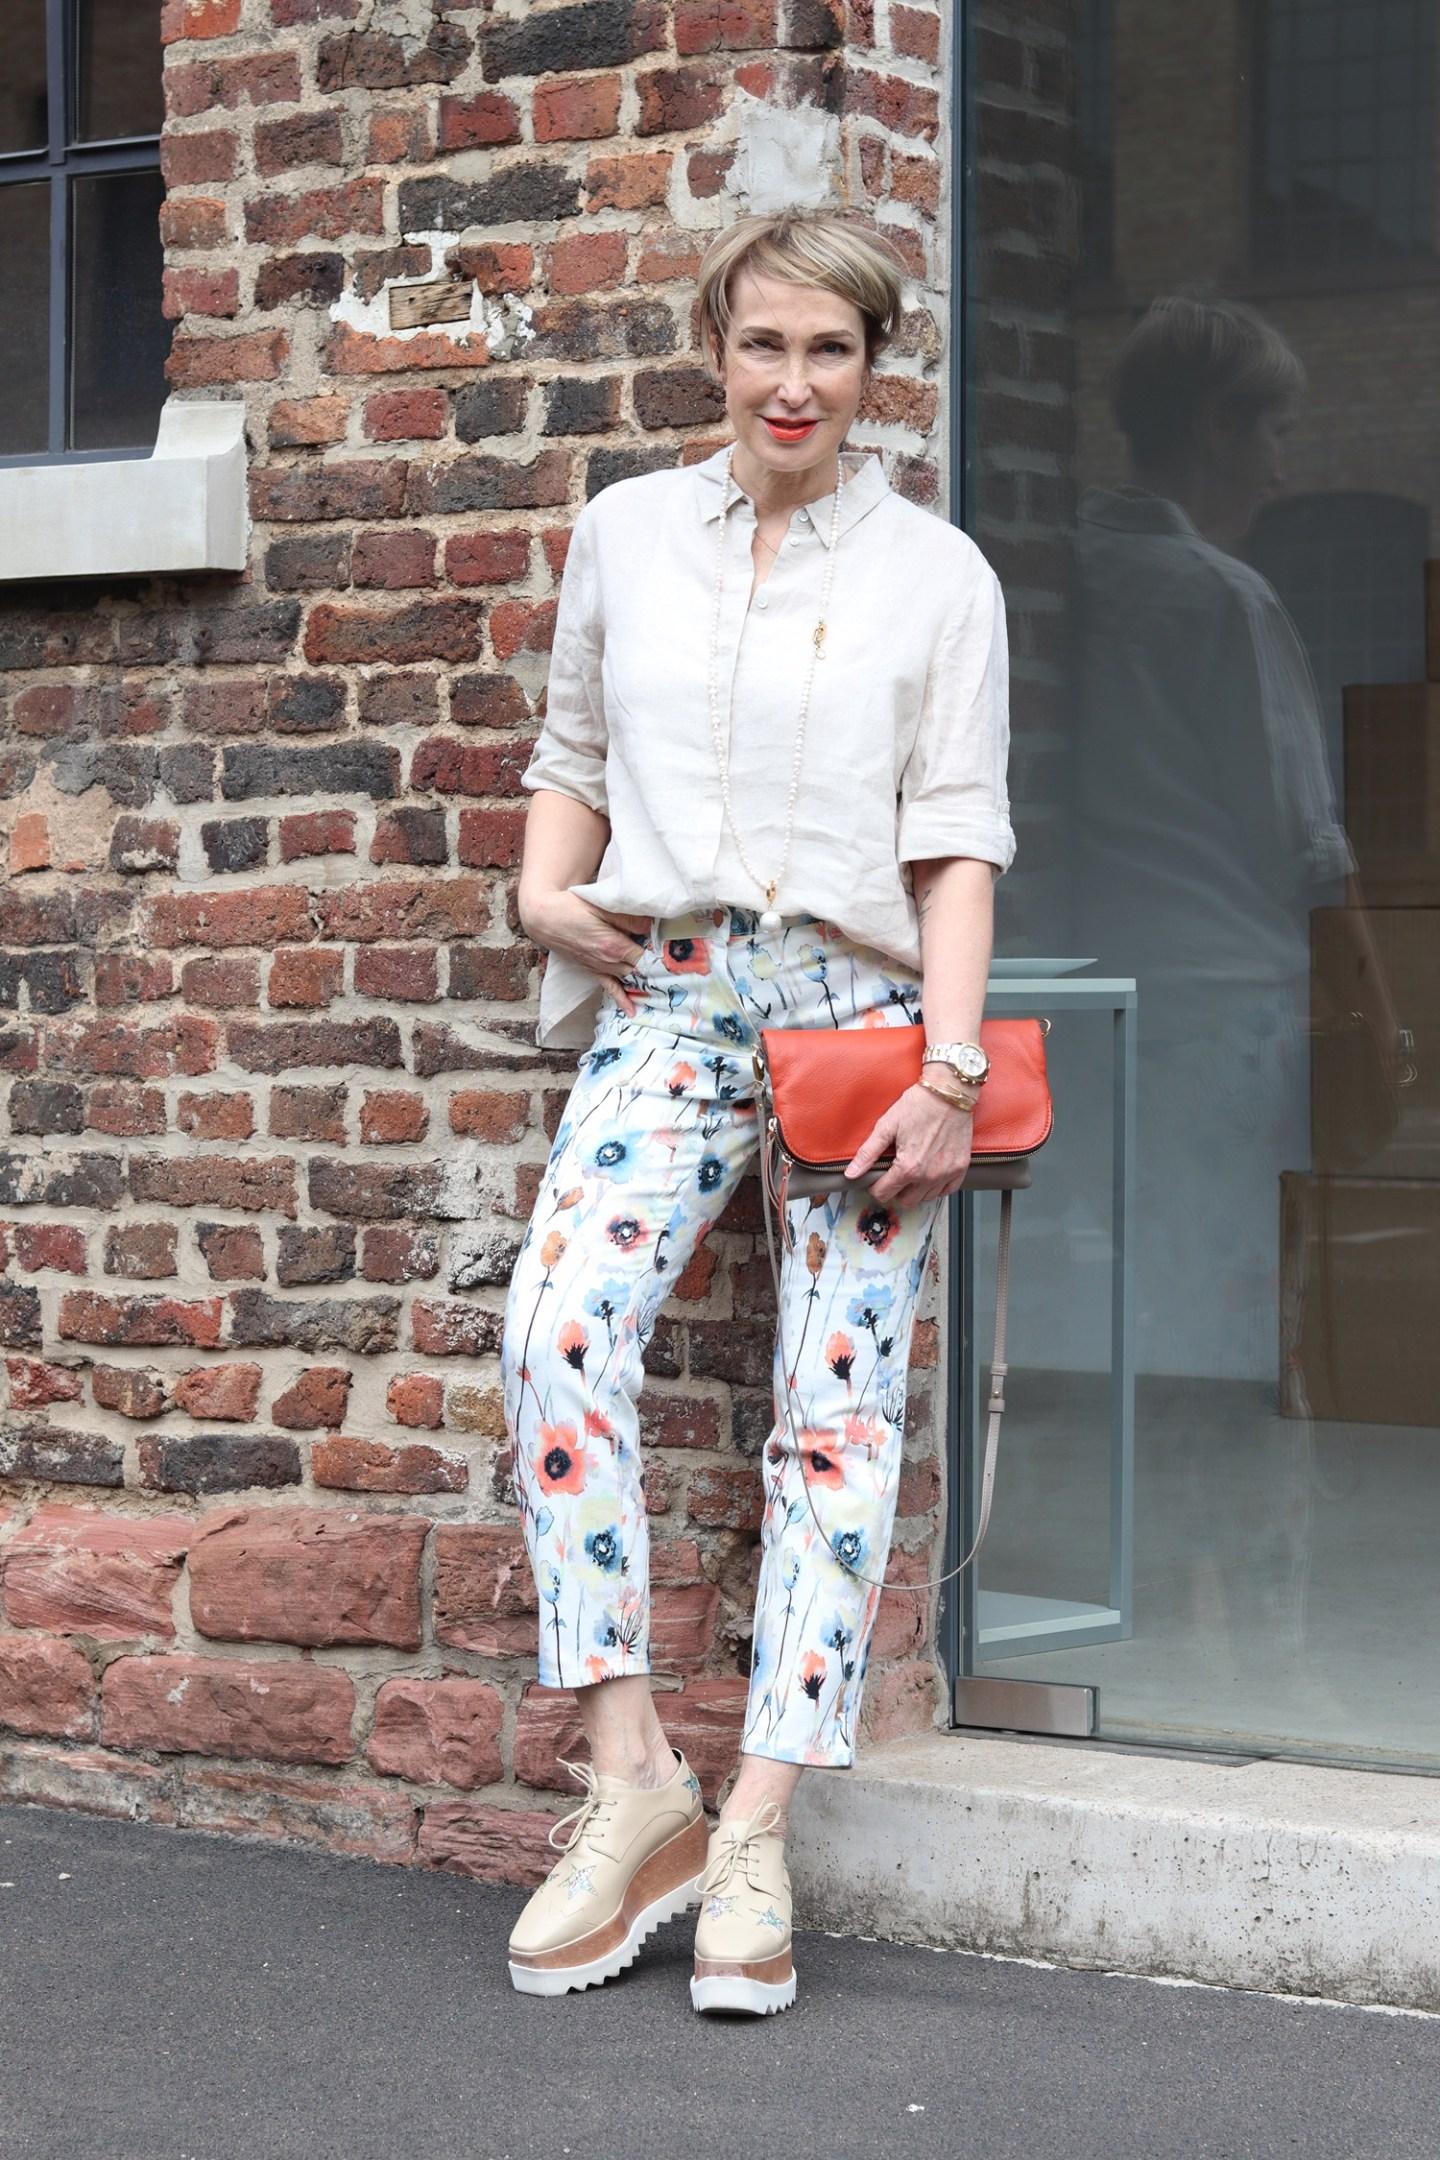 glamupyourlifestyle gebluemte-hose leinenhemd ue-40-blog ue-50-mode